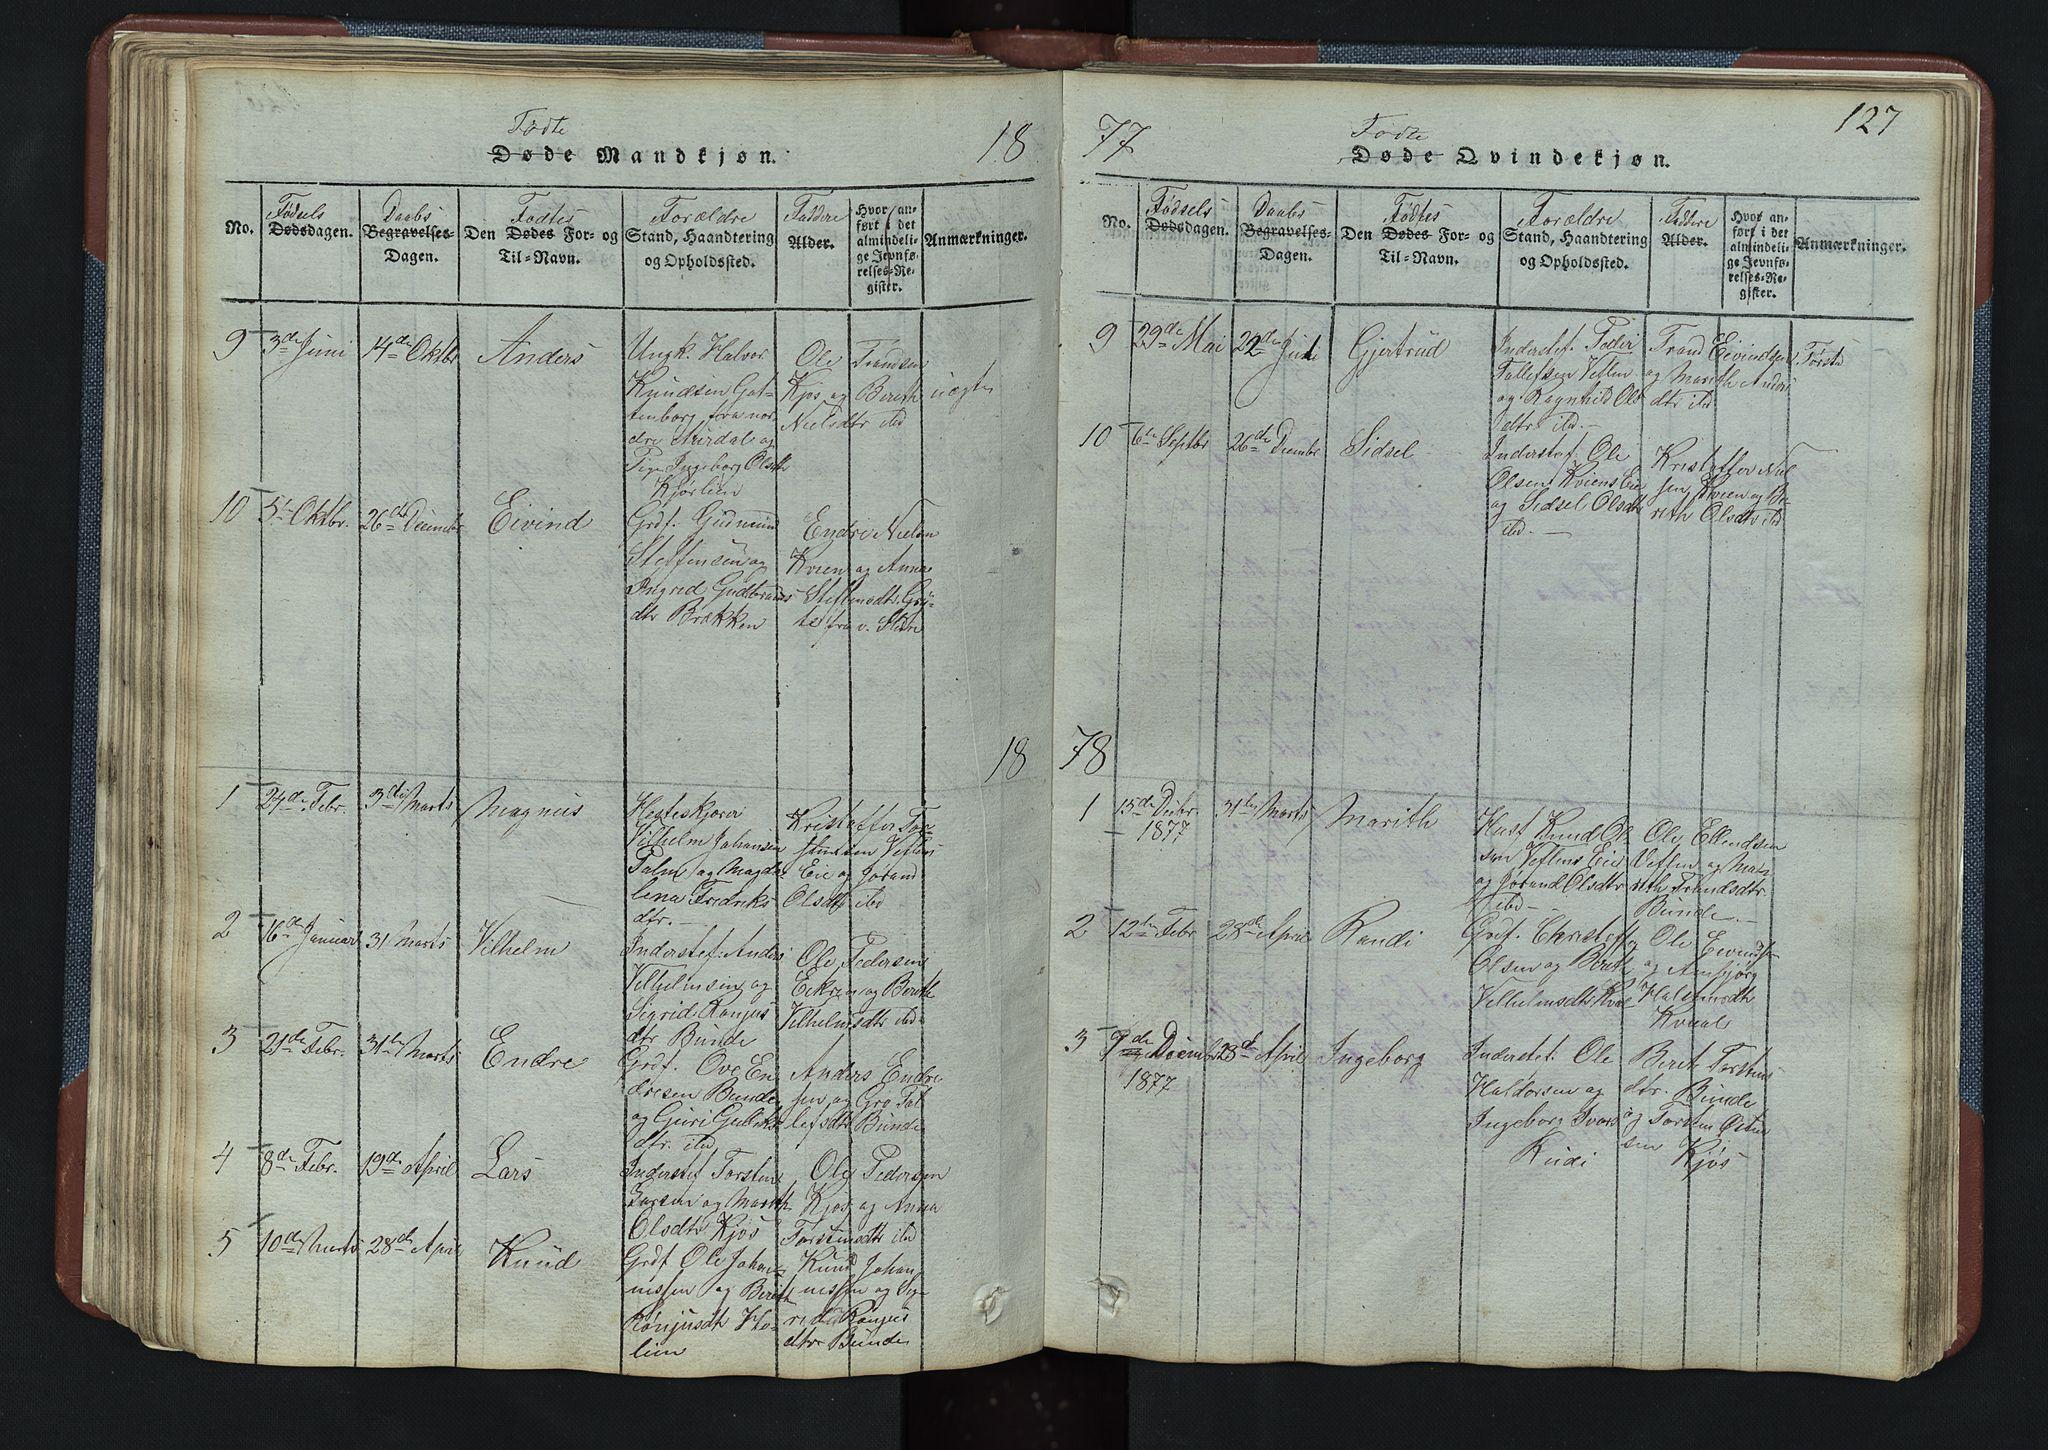 SAH, Vang prestekontor, Valdres, Klokkerbok nr. 3, 1814-1892, s. 127